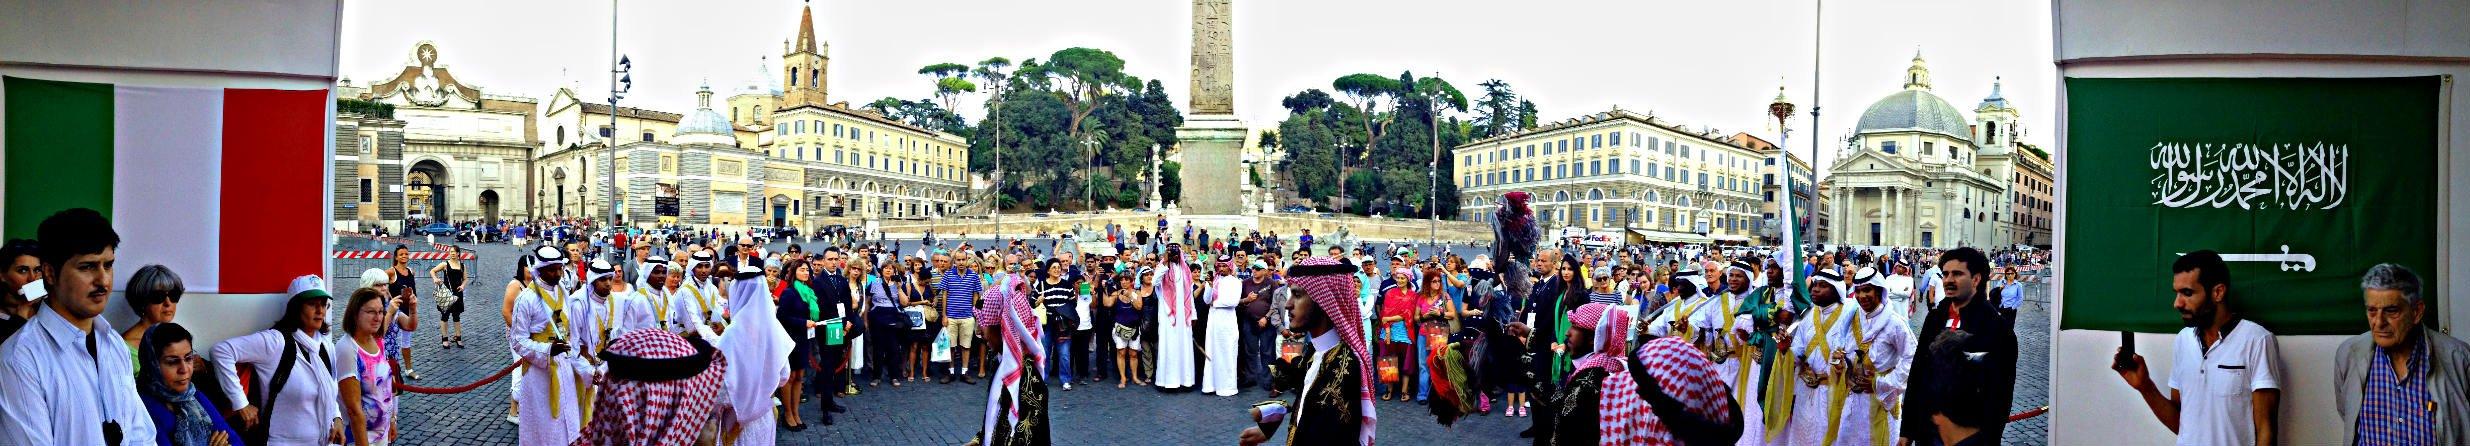 organizzazione Evento Arabia Saudita - Italia